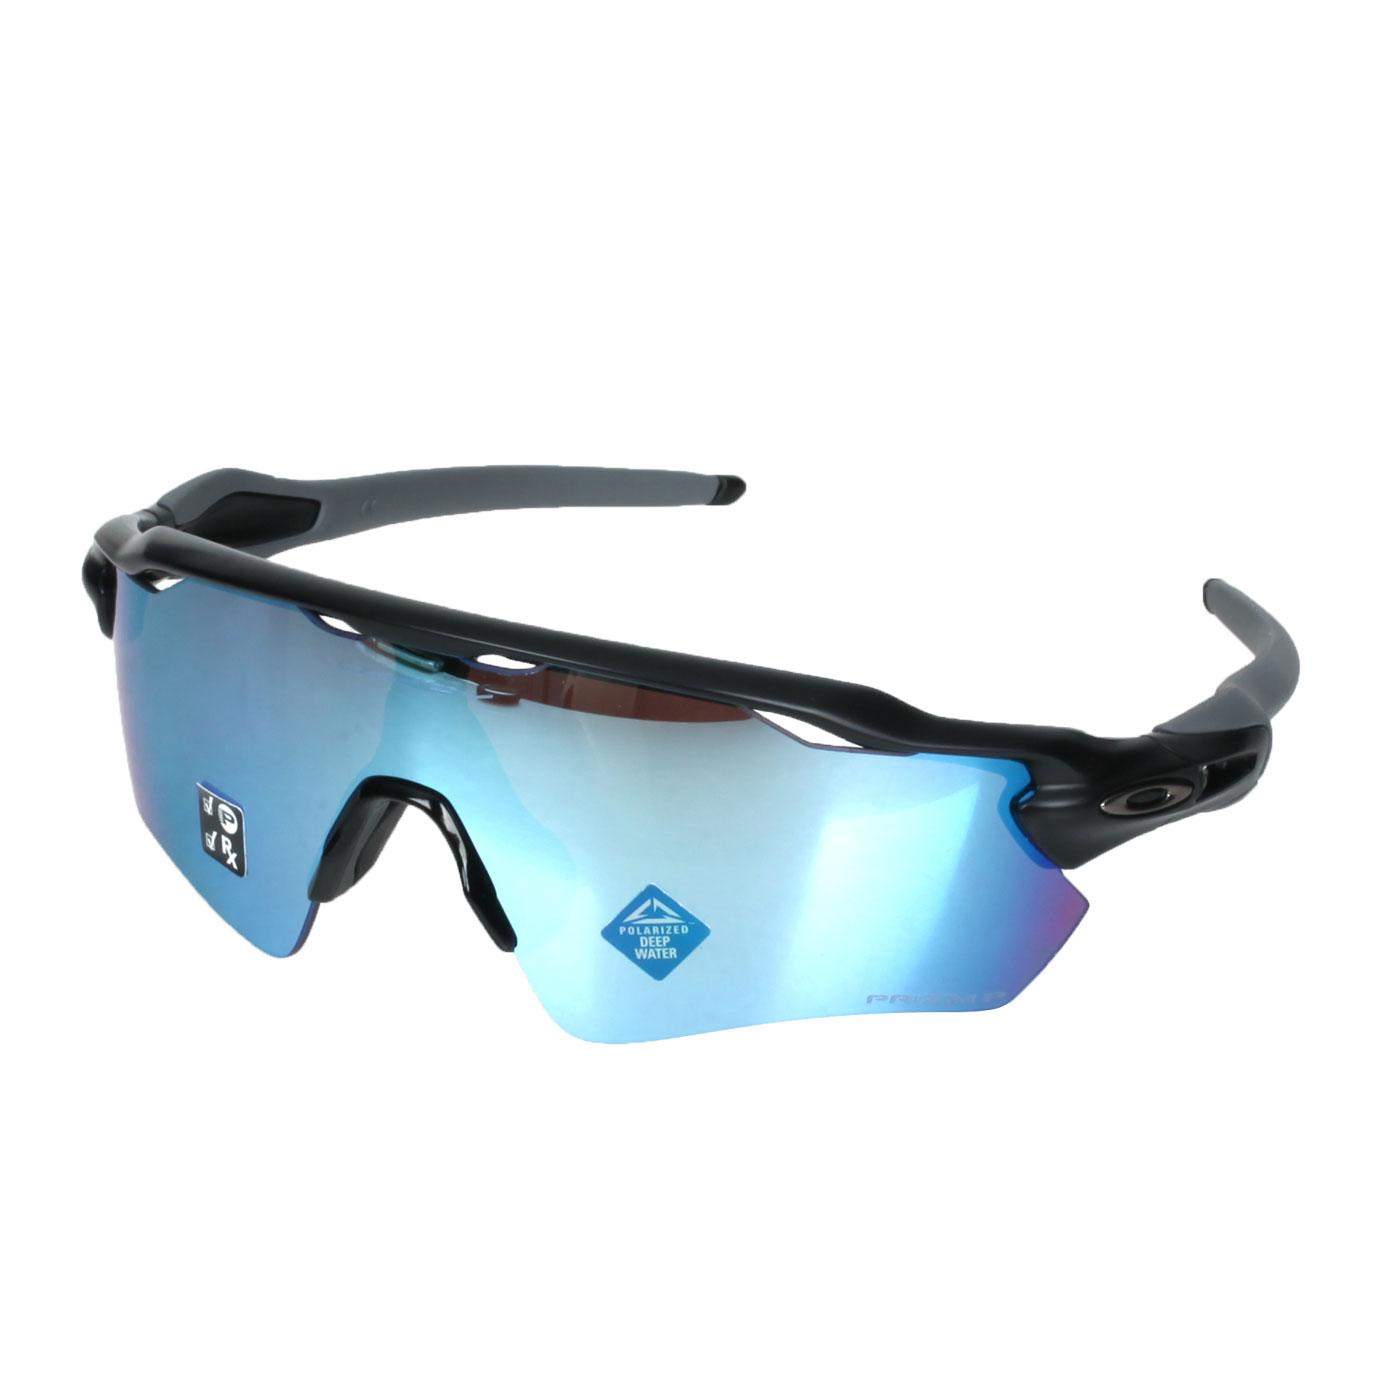 OAKLEY RADAR EV PATH 偏光太陽眼鏡(附硬盒鼻墊) OAK-OO9208-5538